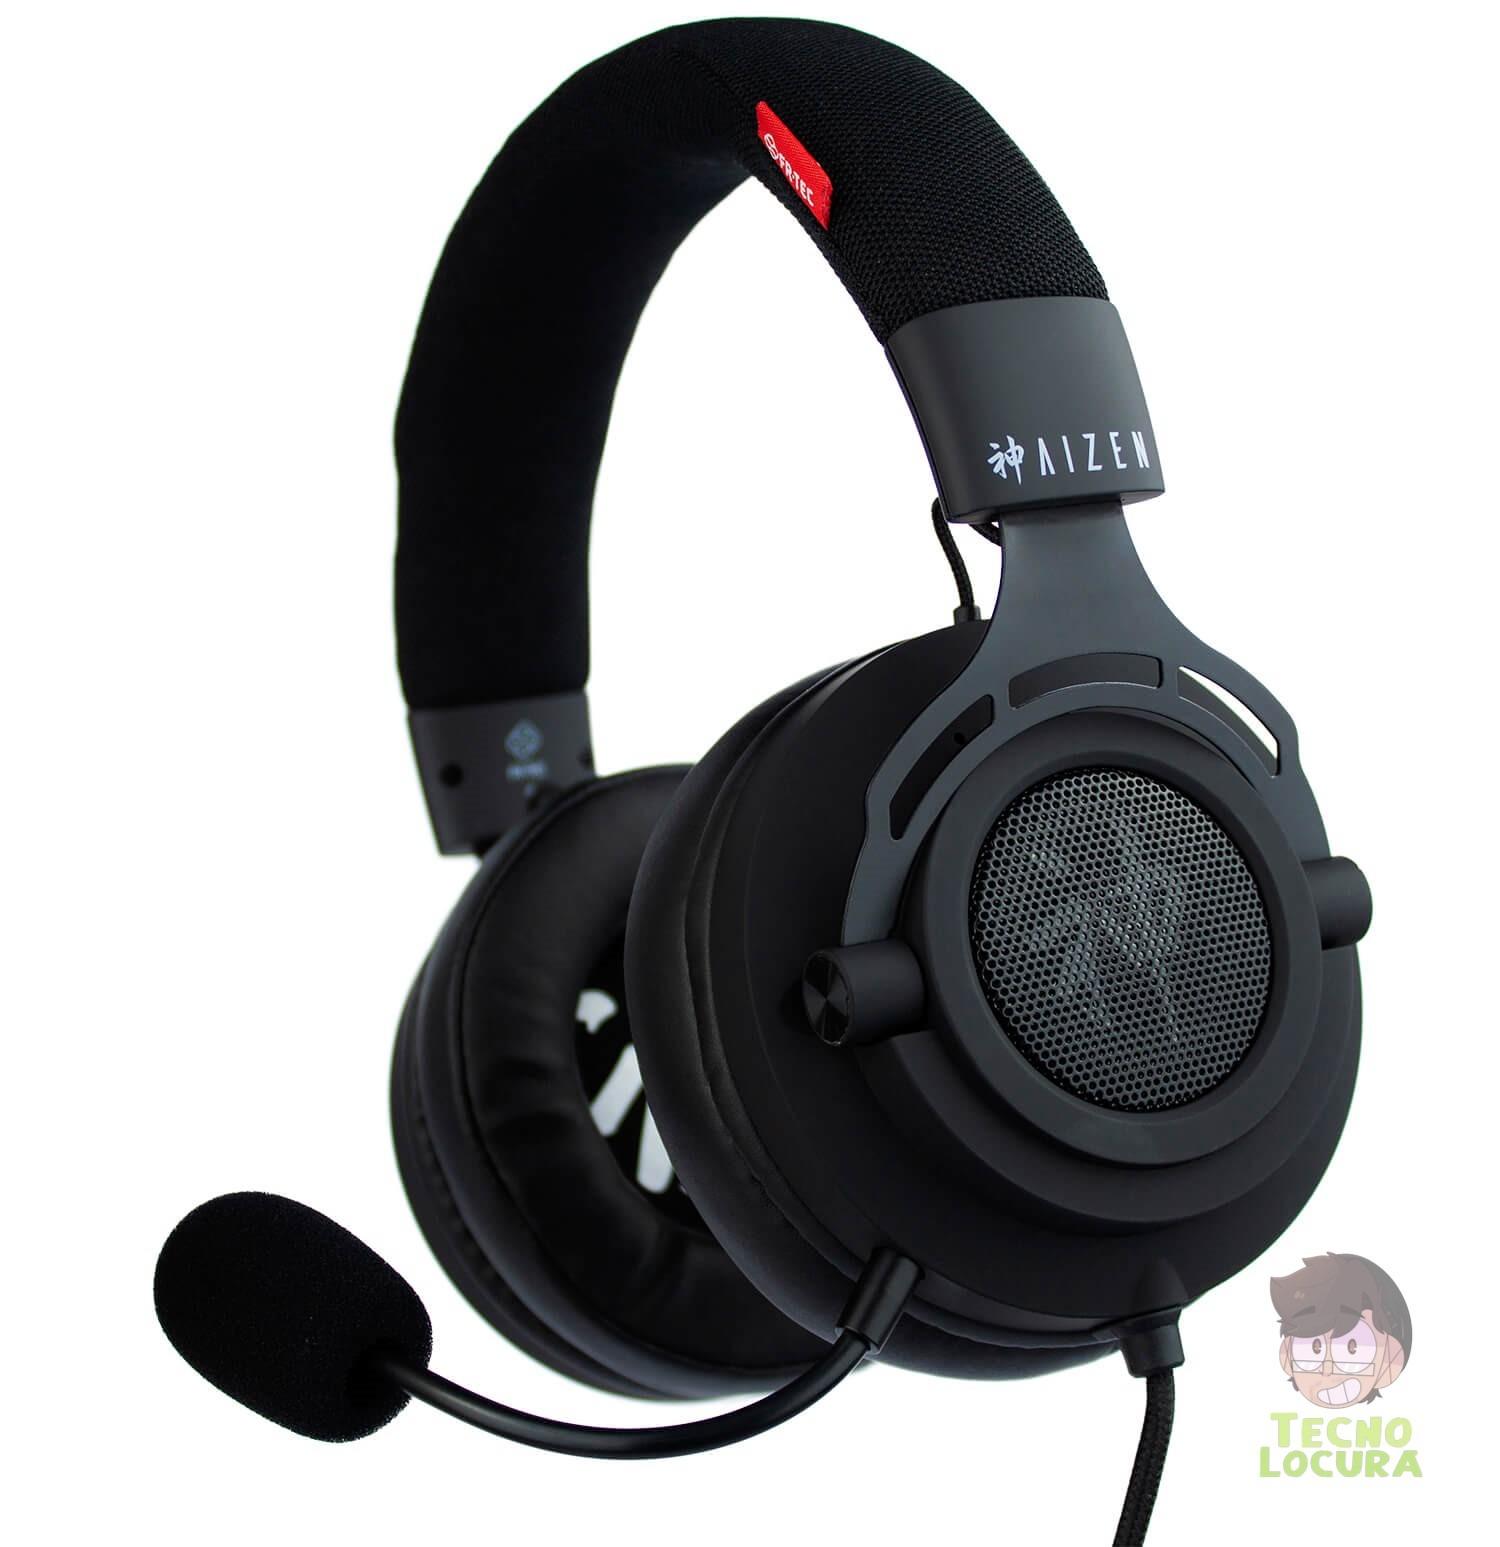 Los mejores auriculares por 30€: FR-Tec AIZEN